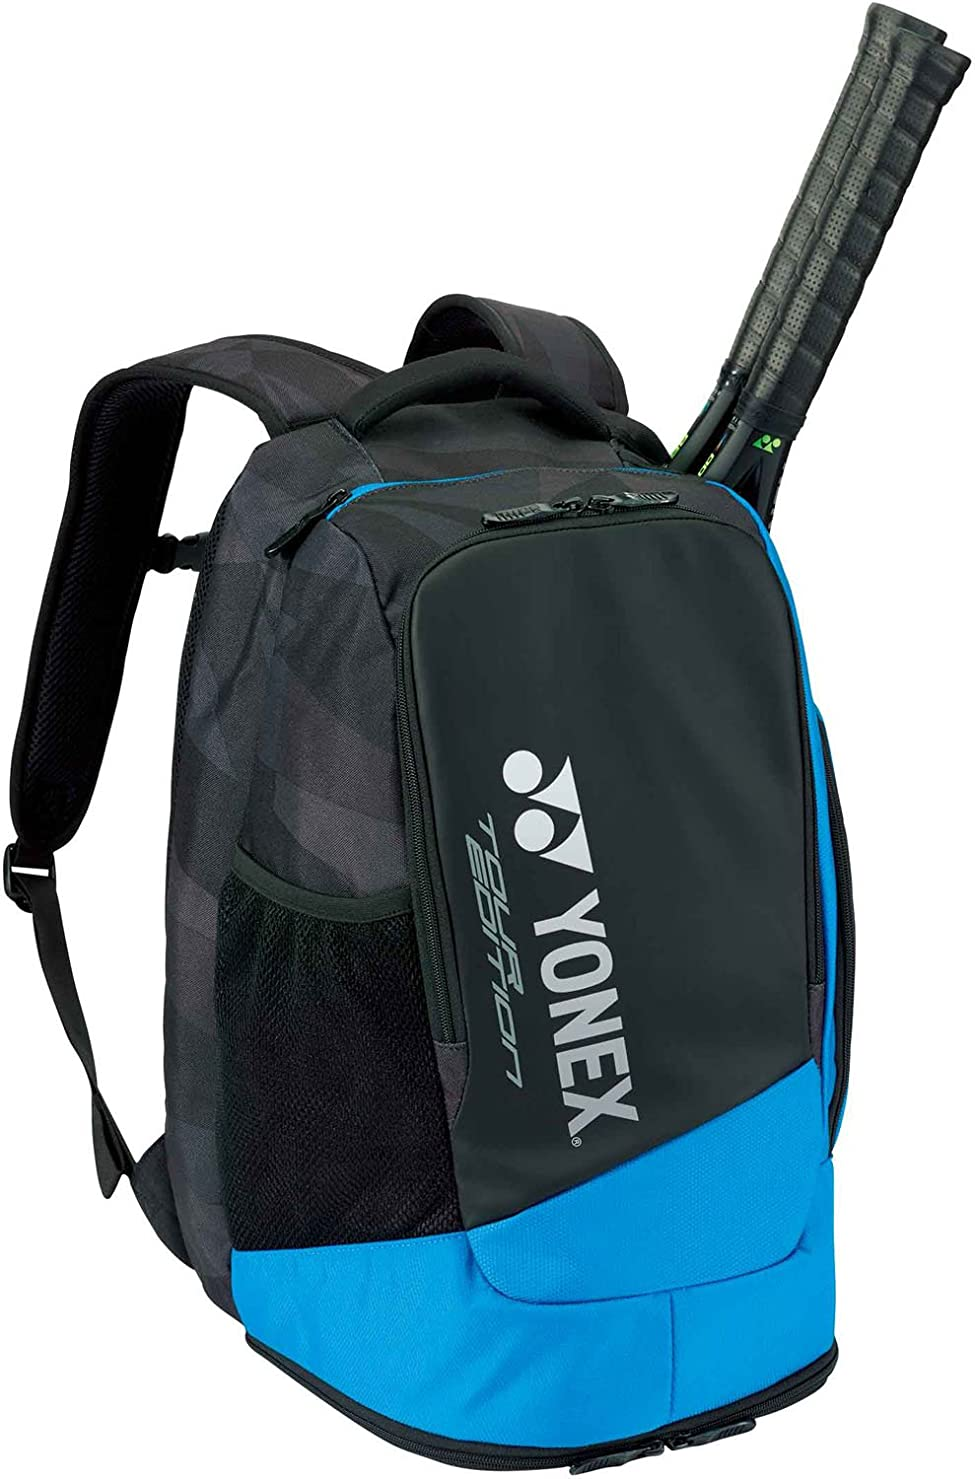 ポルティコ上げる品ヨネックス(YONEX) テニス バッグ バックパック テニスラケット2本用 BAG1808